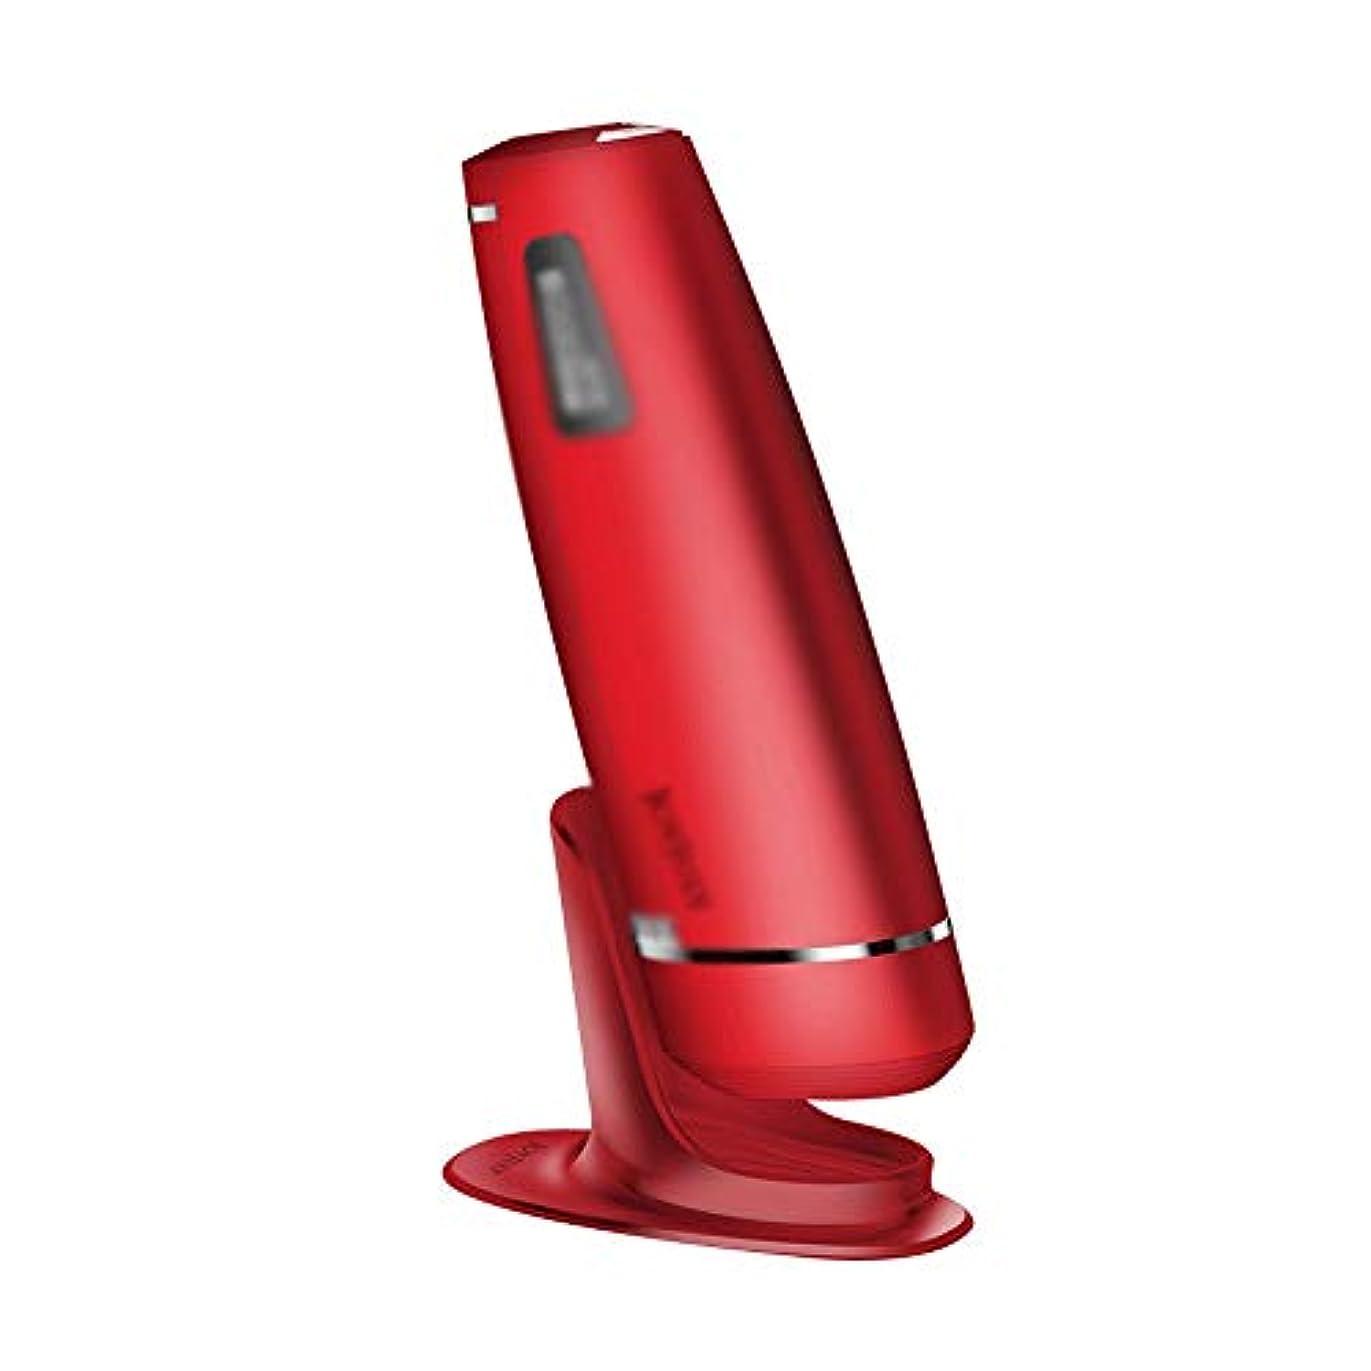 肥料ウッズ発音XUEYAQI- 電気アイスポイント脱毛器具、家庭用レーザー脱毛アーティファクト、男性と女性の外部脱毛器、痛みのない顔用脱毛器(白) (Color : Red)